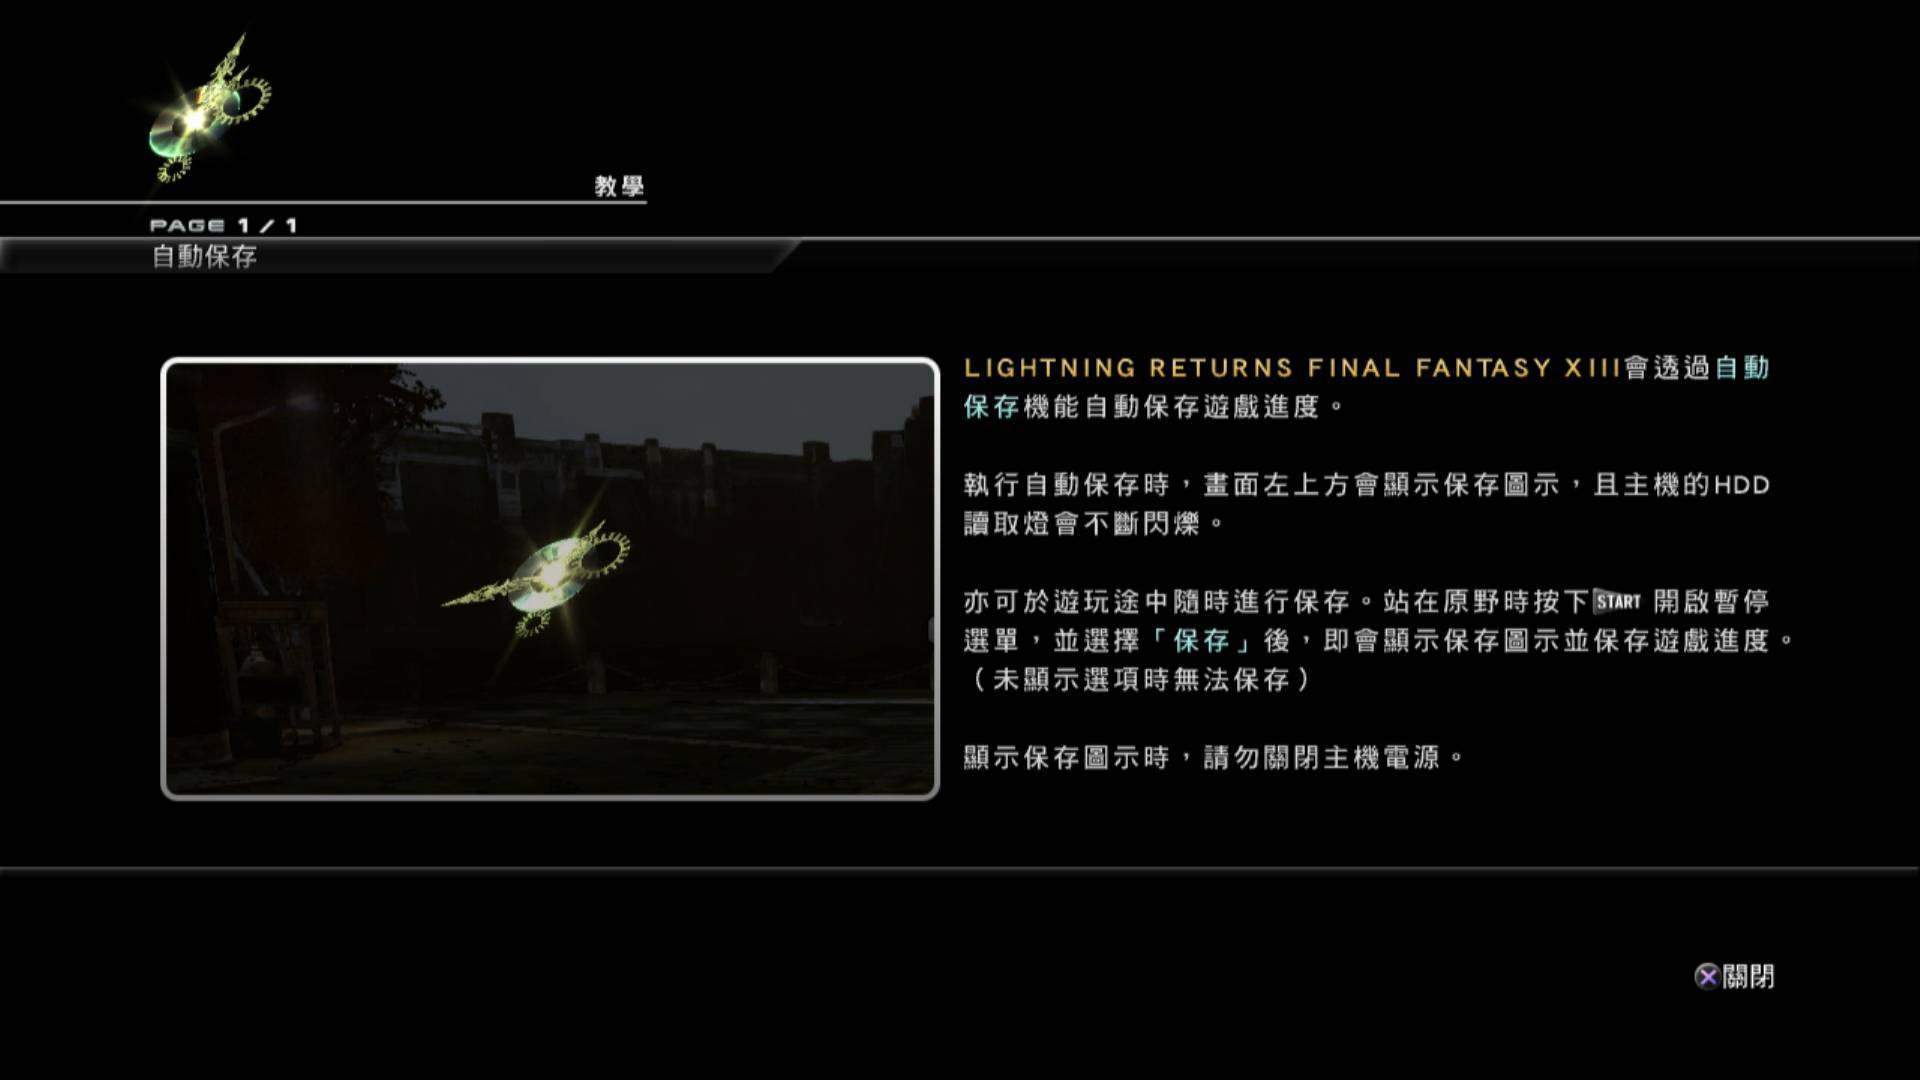 最终幻想13-3/LIGHTNING RETURNS: FINAL FANTASY XIII/最终幻想13:雷霆归来插图2